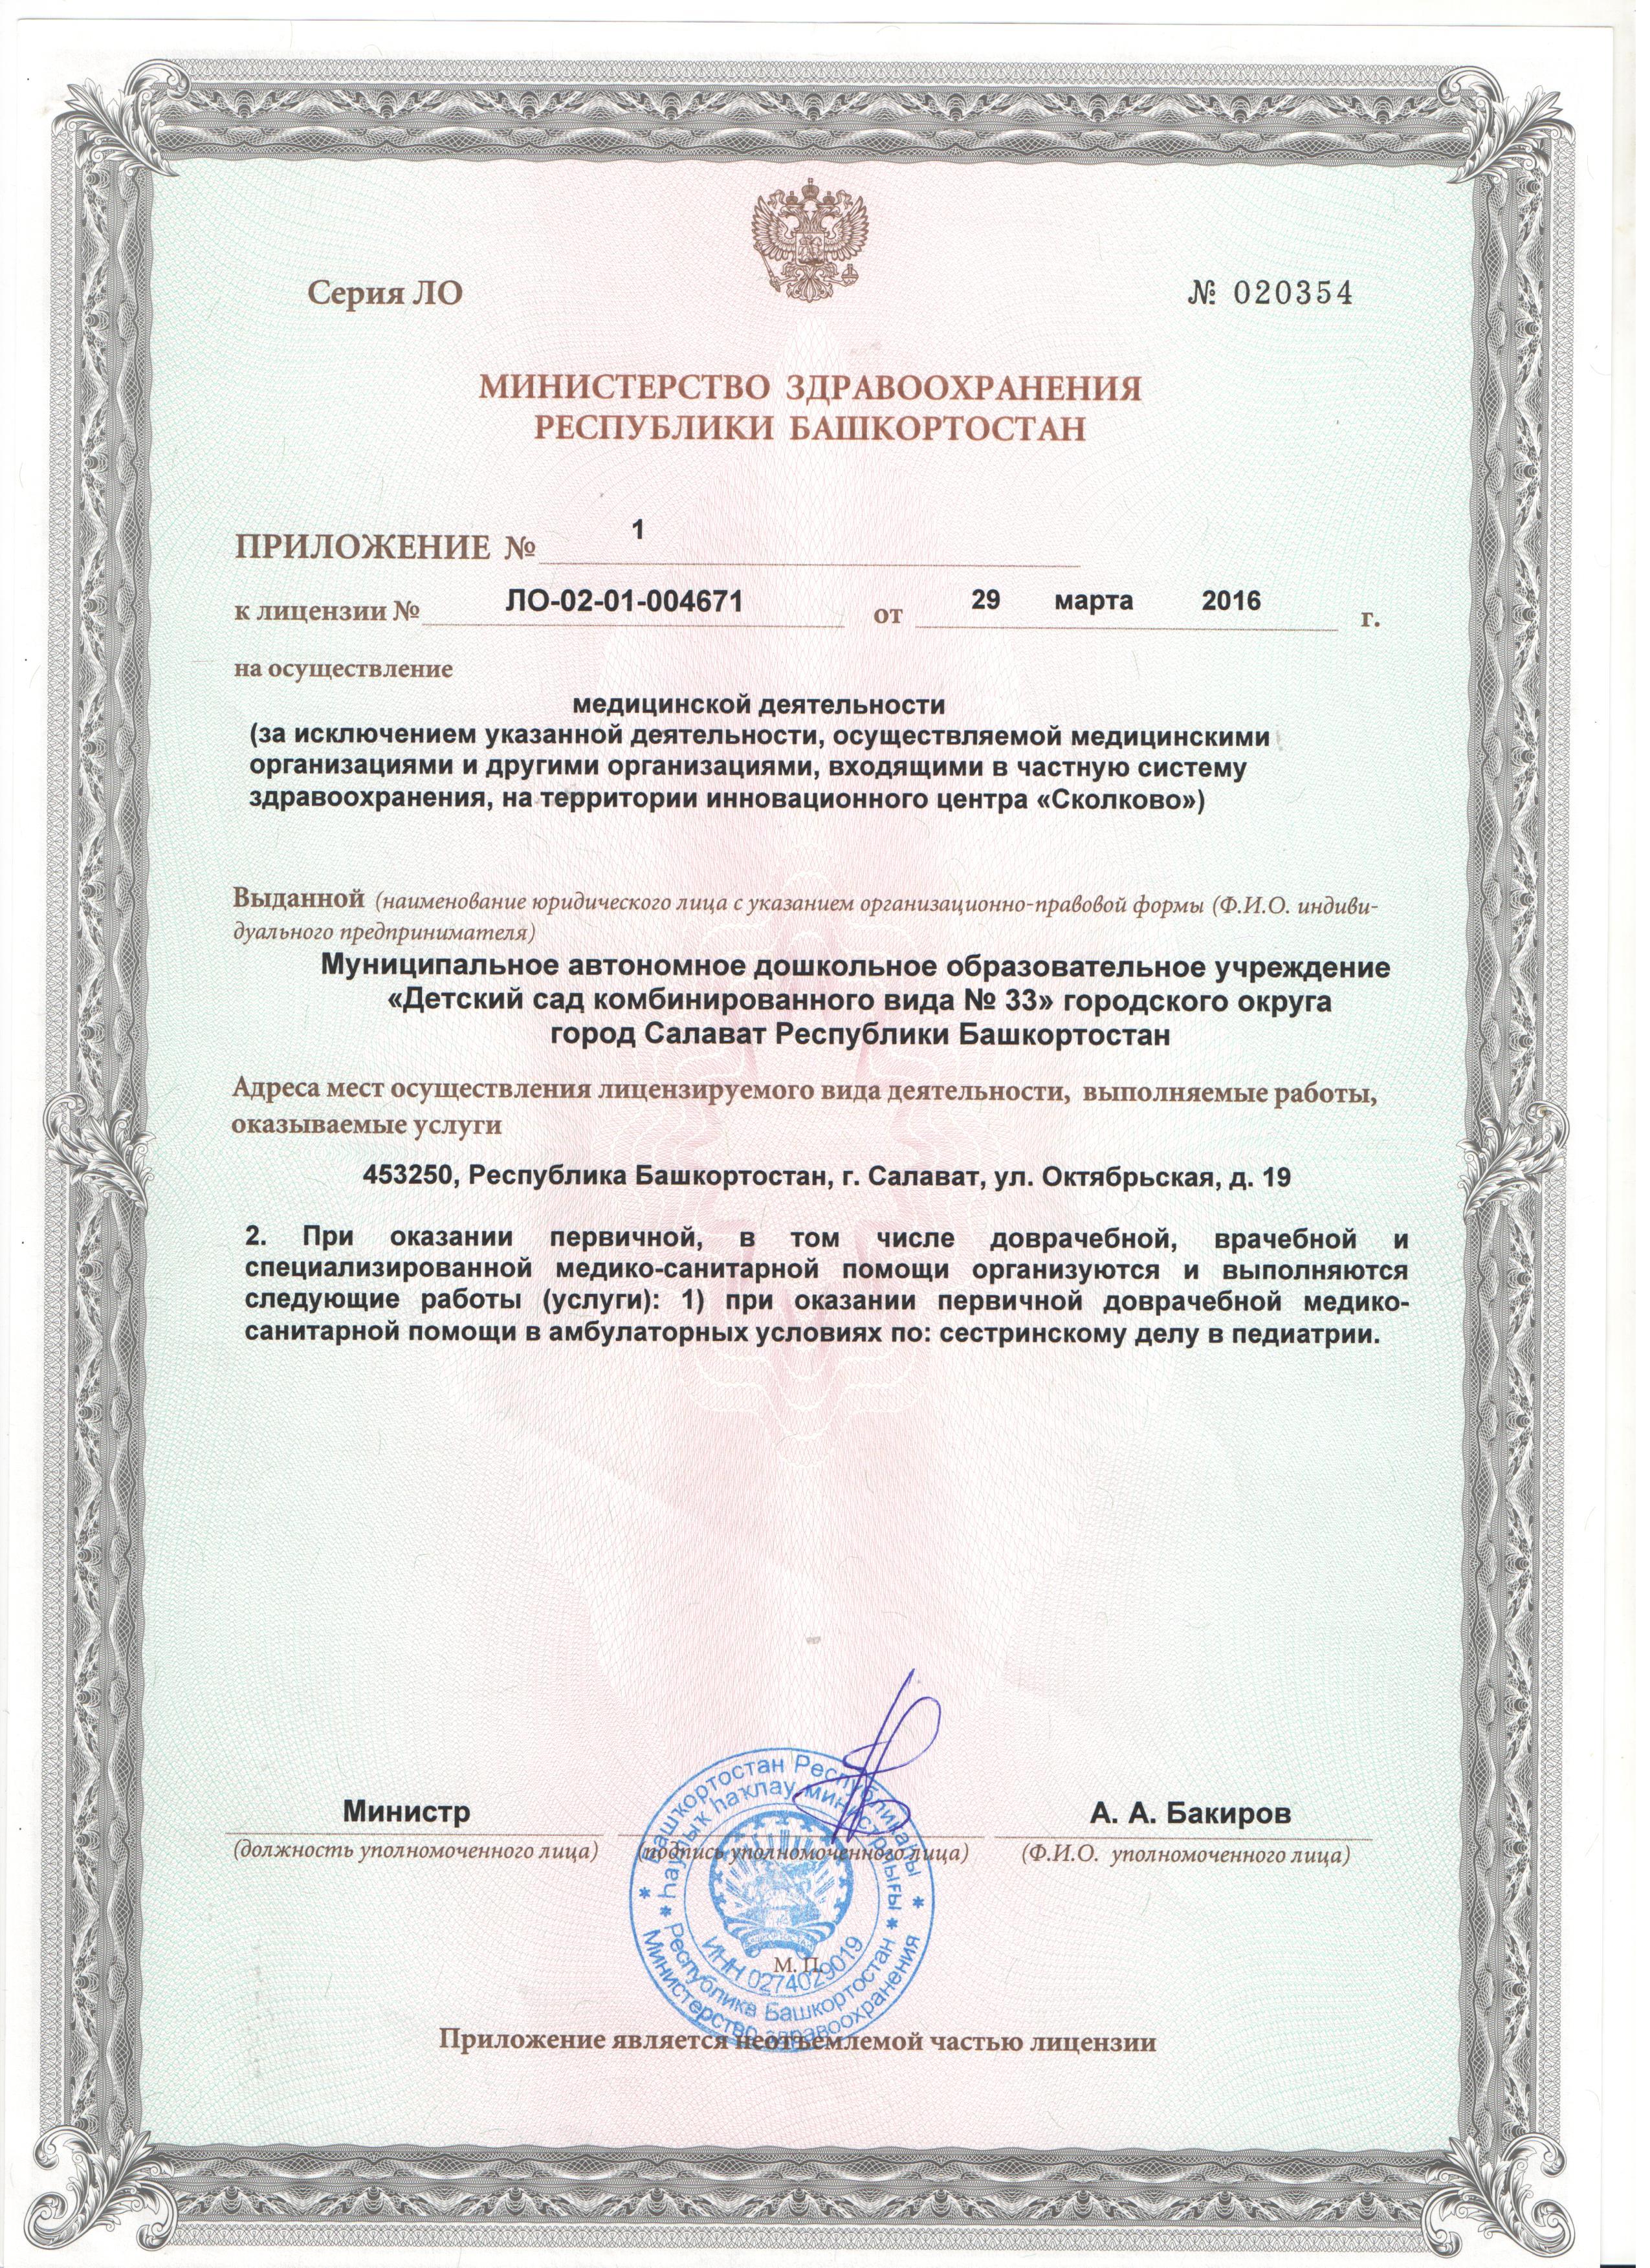 лицензия3 001